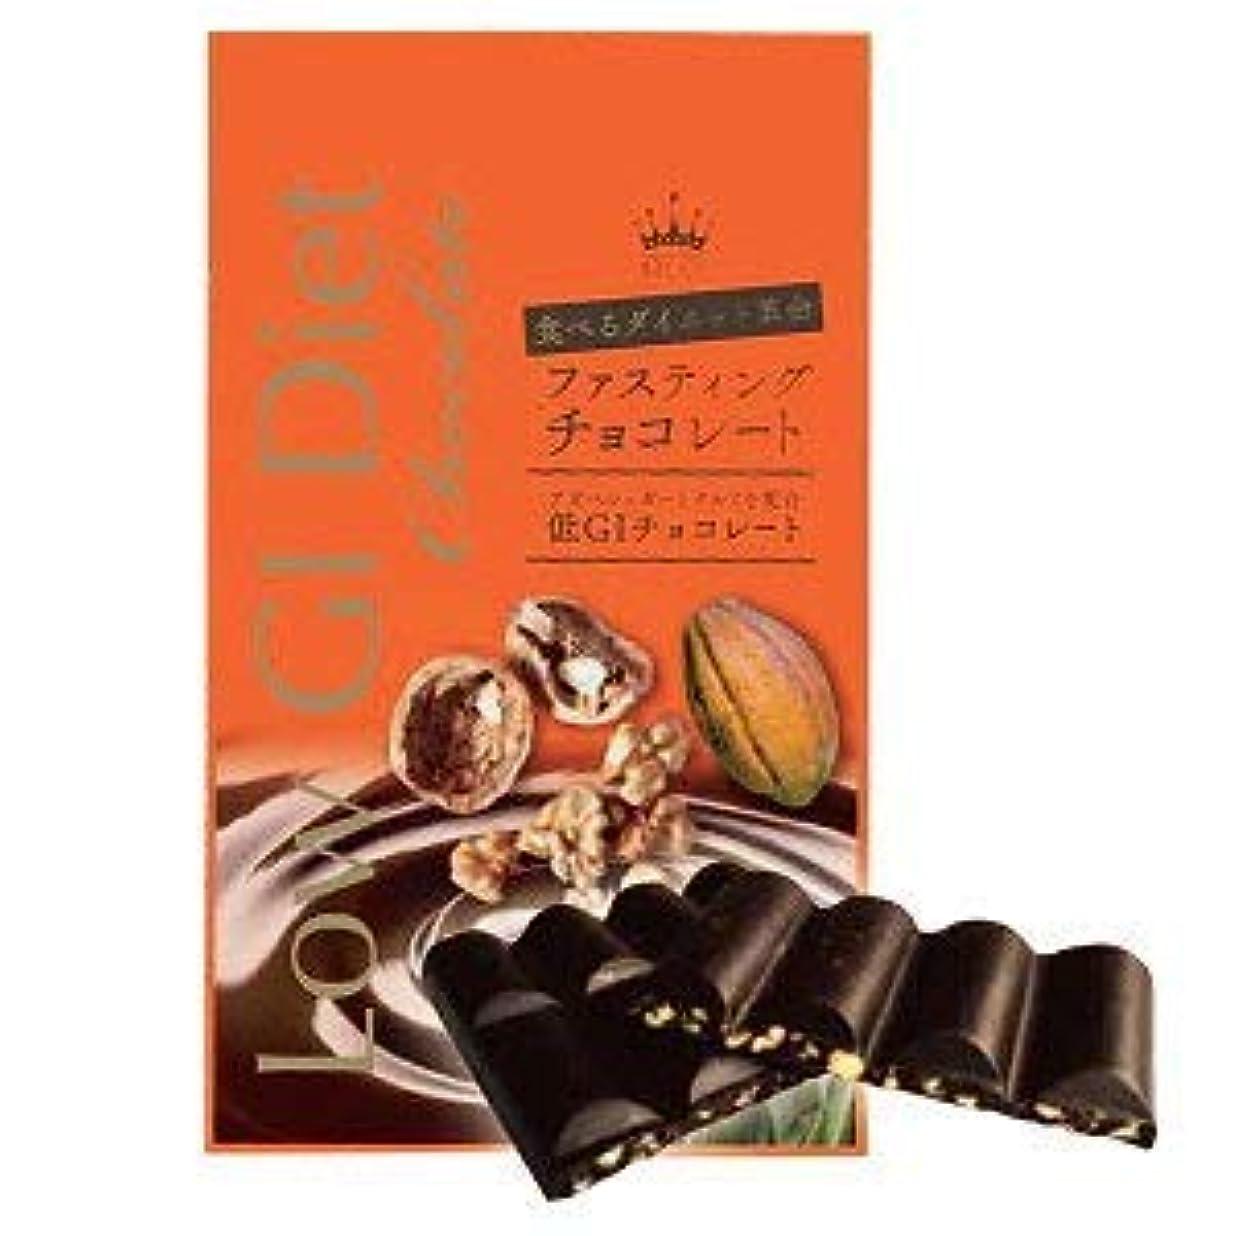 処方うぬぼれた出力ファスティングチョコレート 25g×3個 1袋